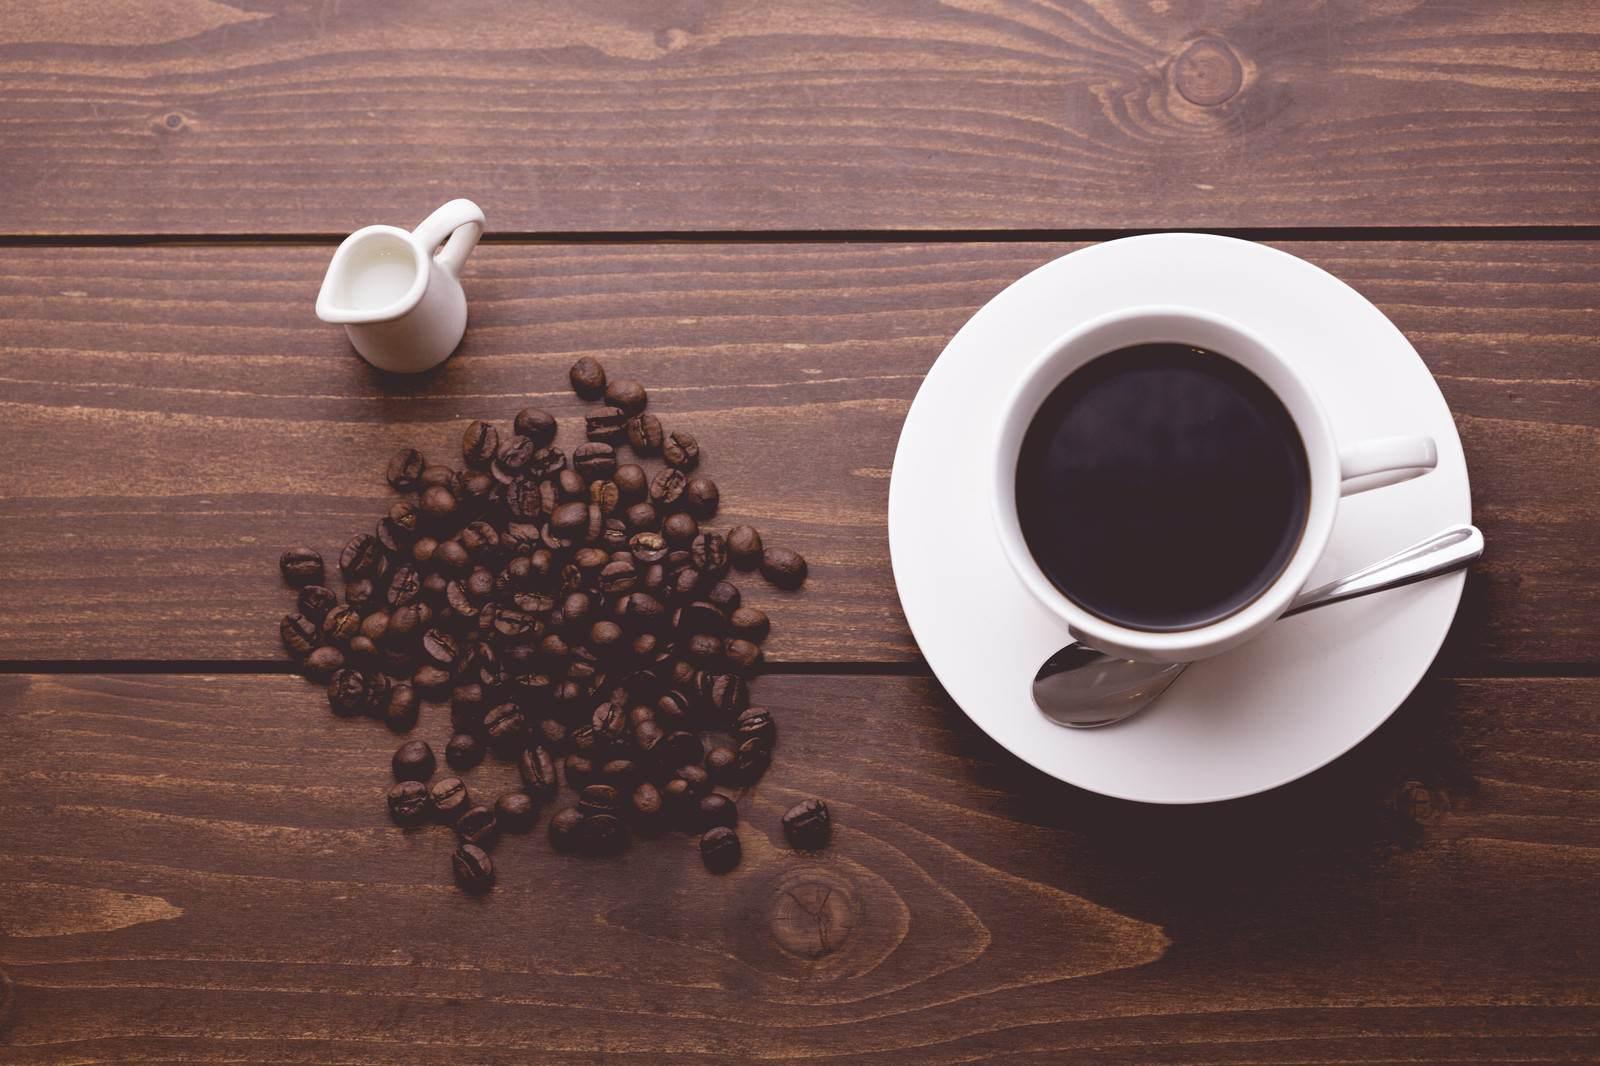 「散らばるコーヒー豆と淹れたてのコーヒー散らばるコーヒー豆と淹れたてのコーヒー」のフリー写真素材を拡大